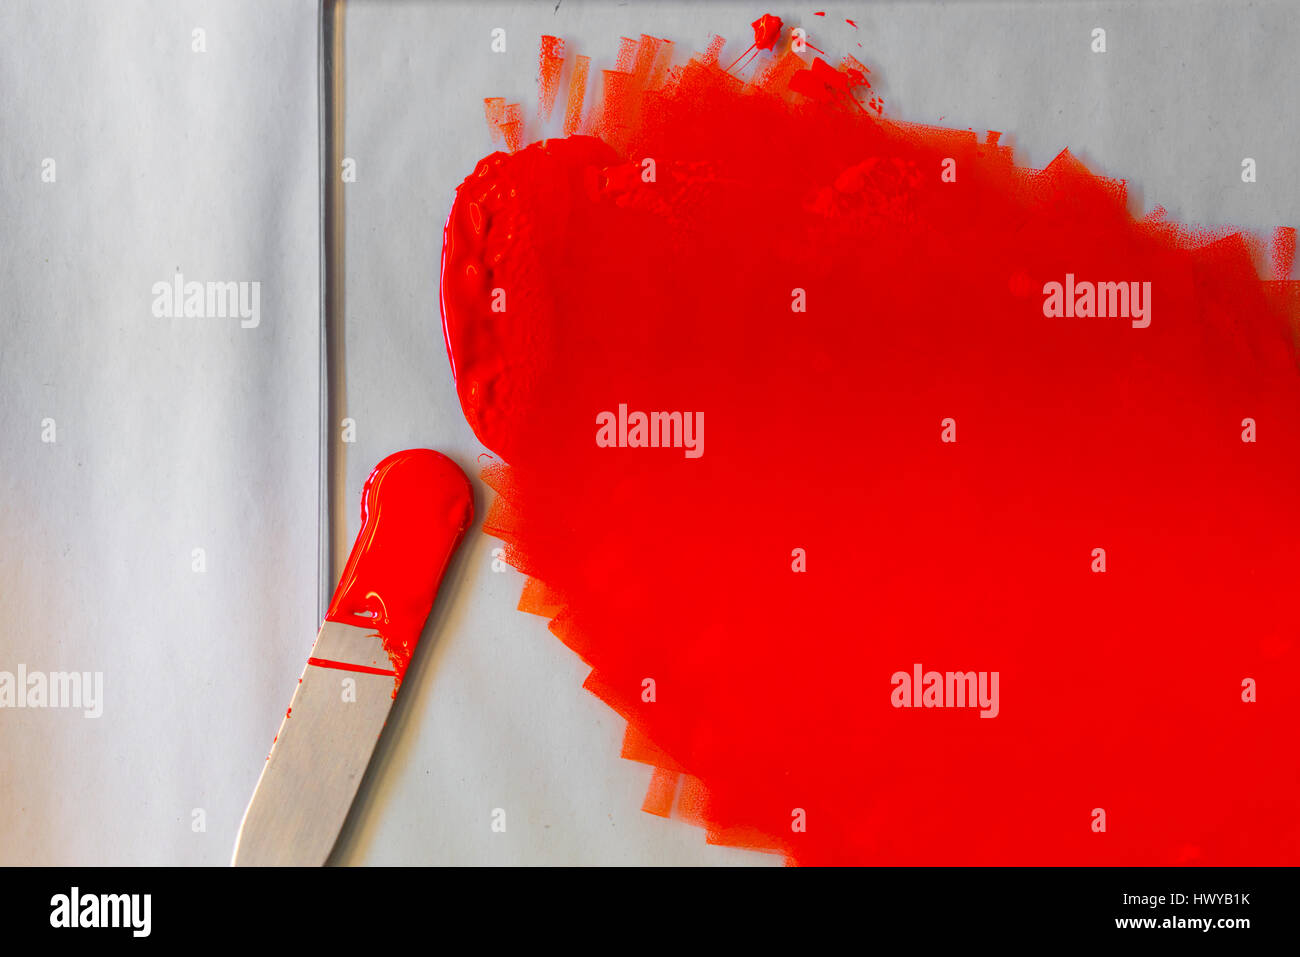 Öl anhand einer Tabelle in eine Druckwerkstatt Tinte in Dosen Stockfoto